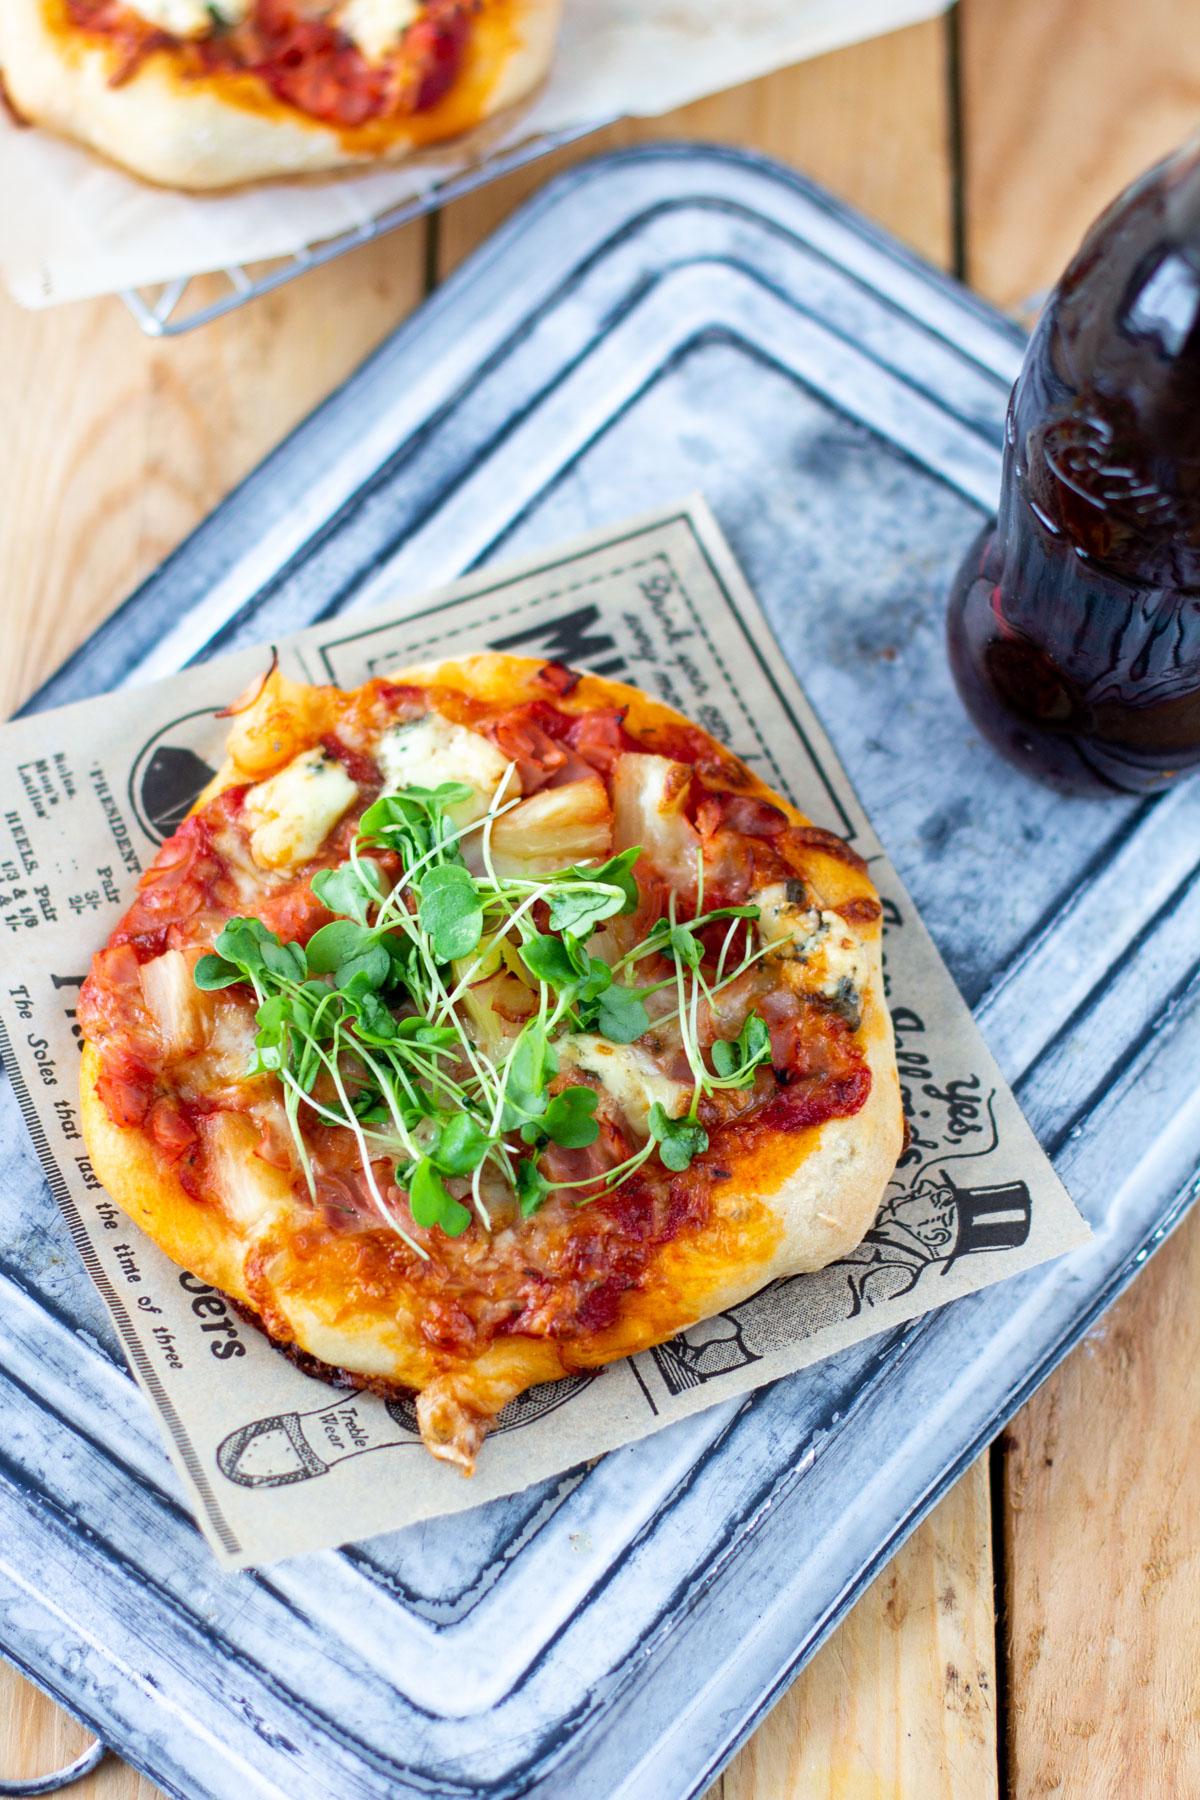 Pitsat ylhäältä kuvattuna / best pizza